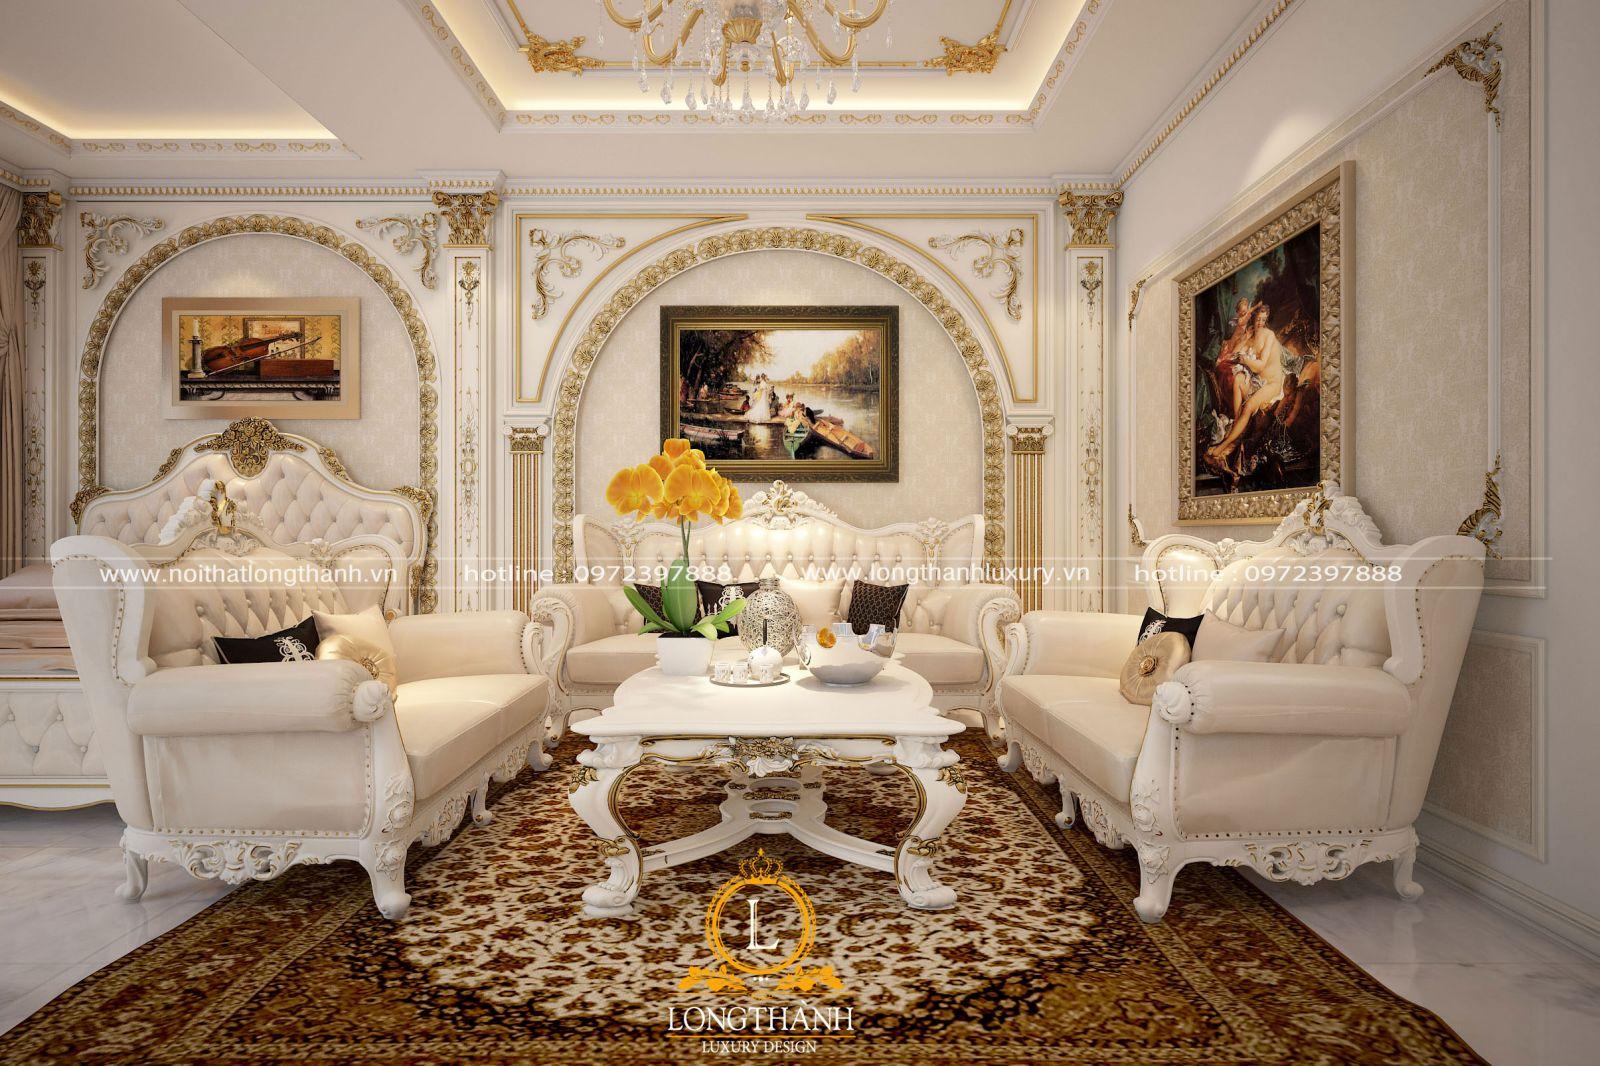 Không gian phòng khách sơn trắng sang trọng